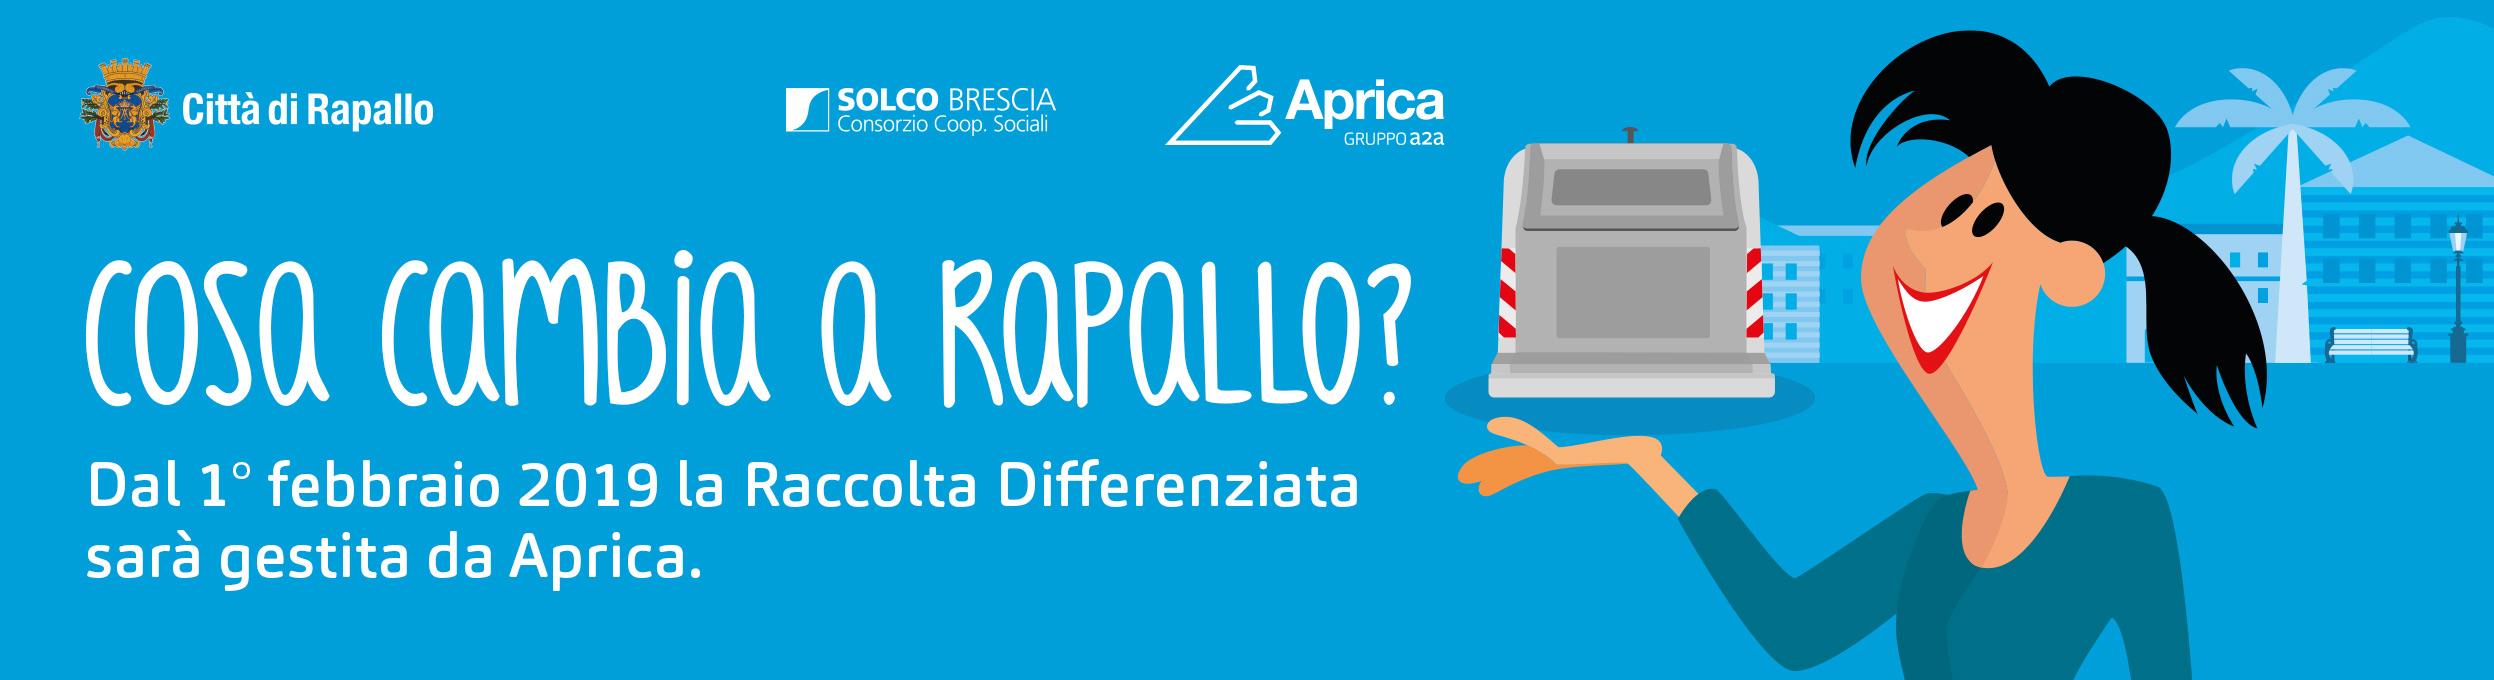 Cosa Cambia a Rapallo